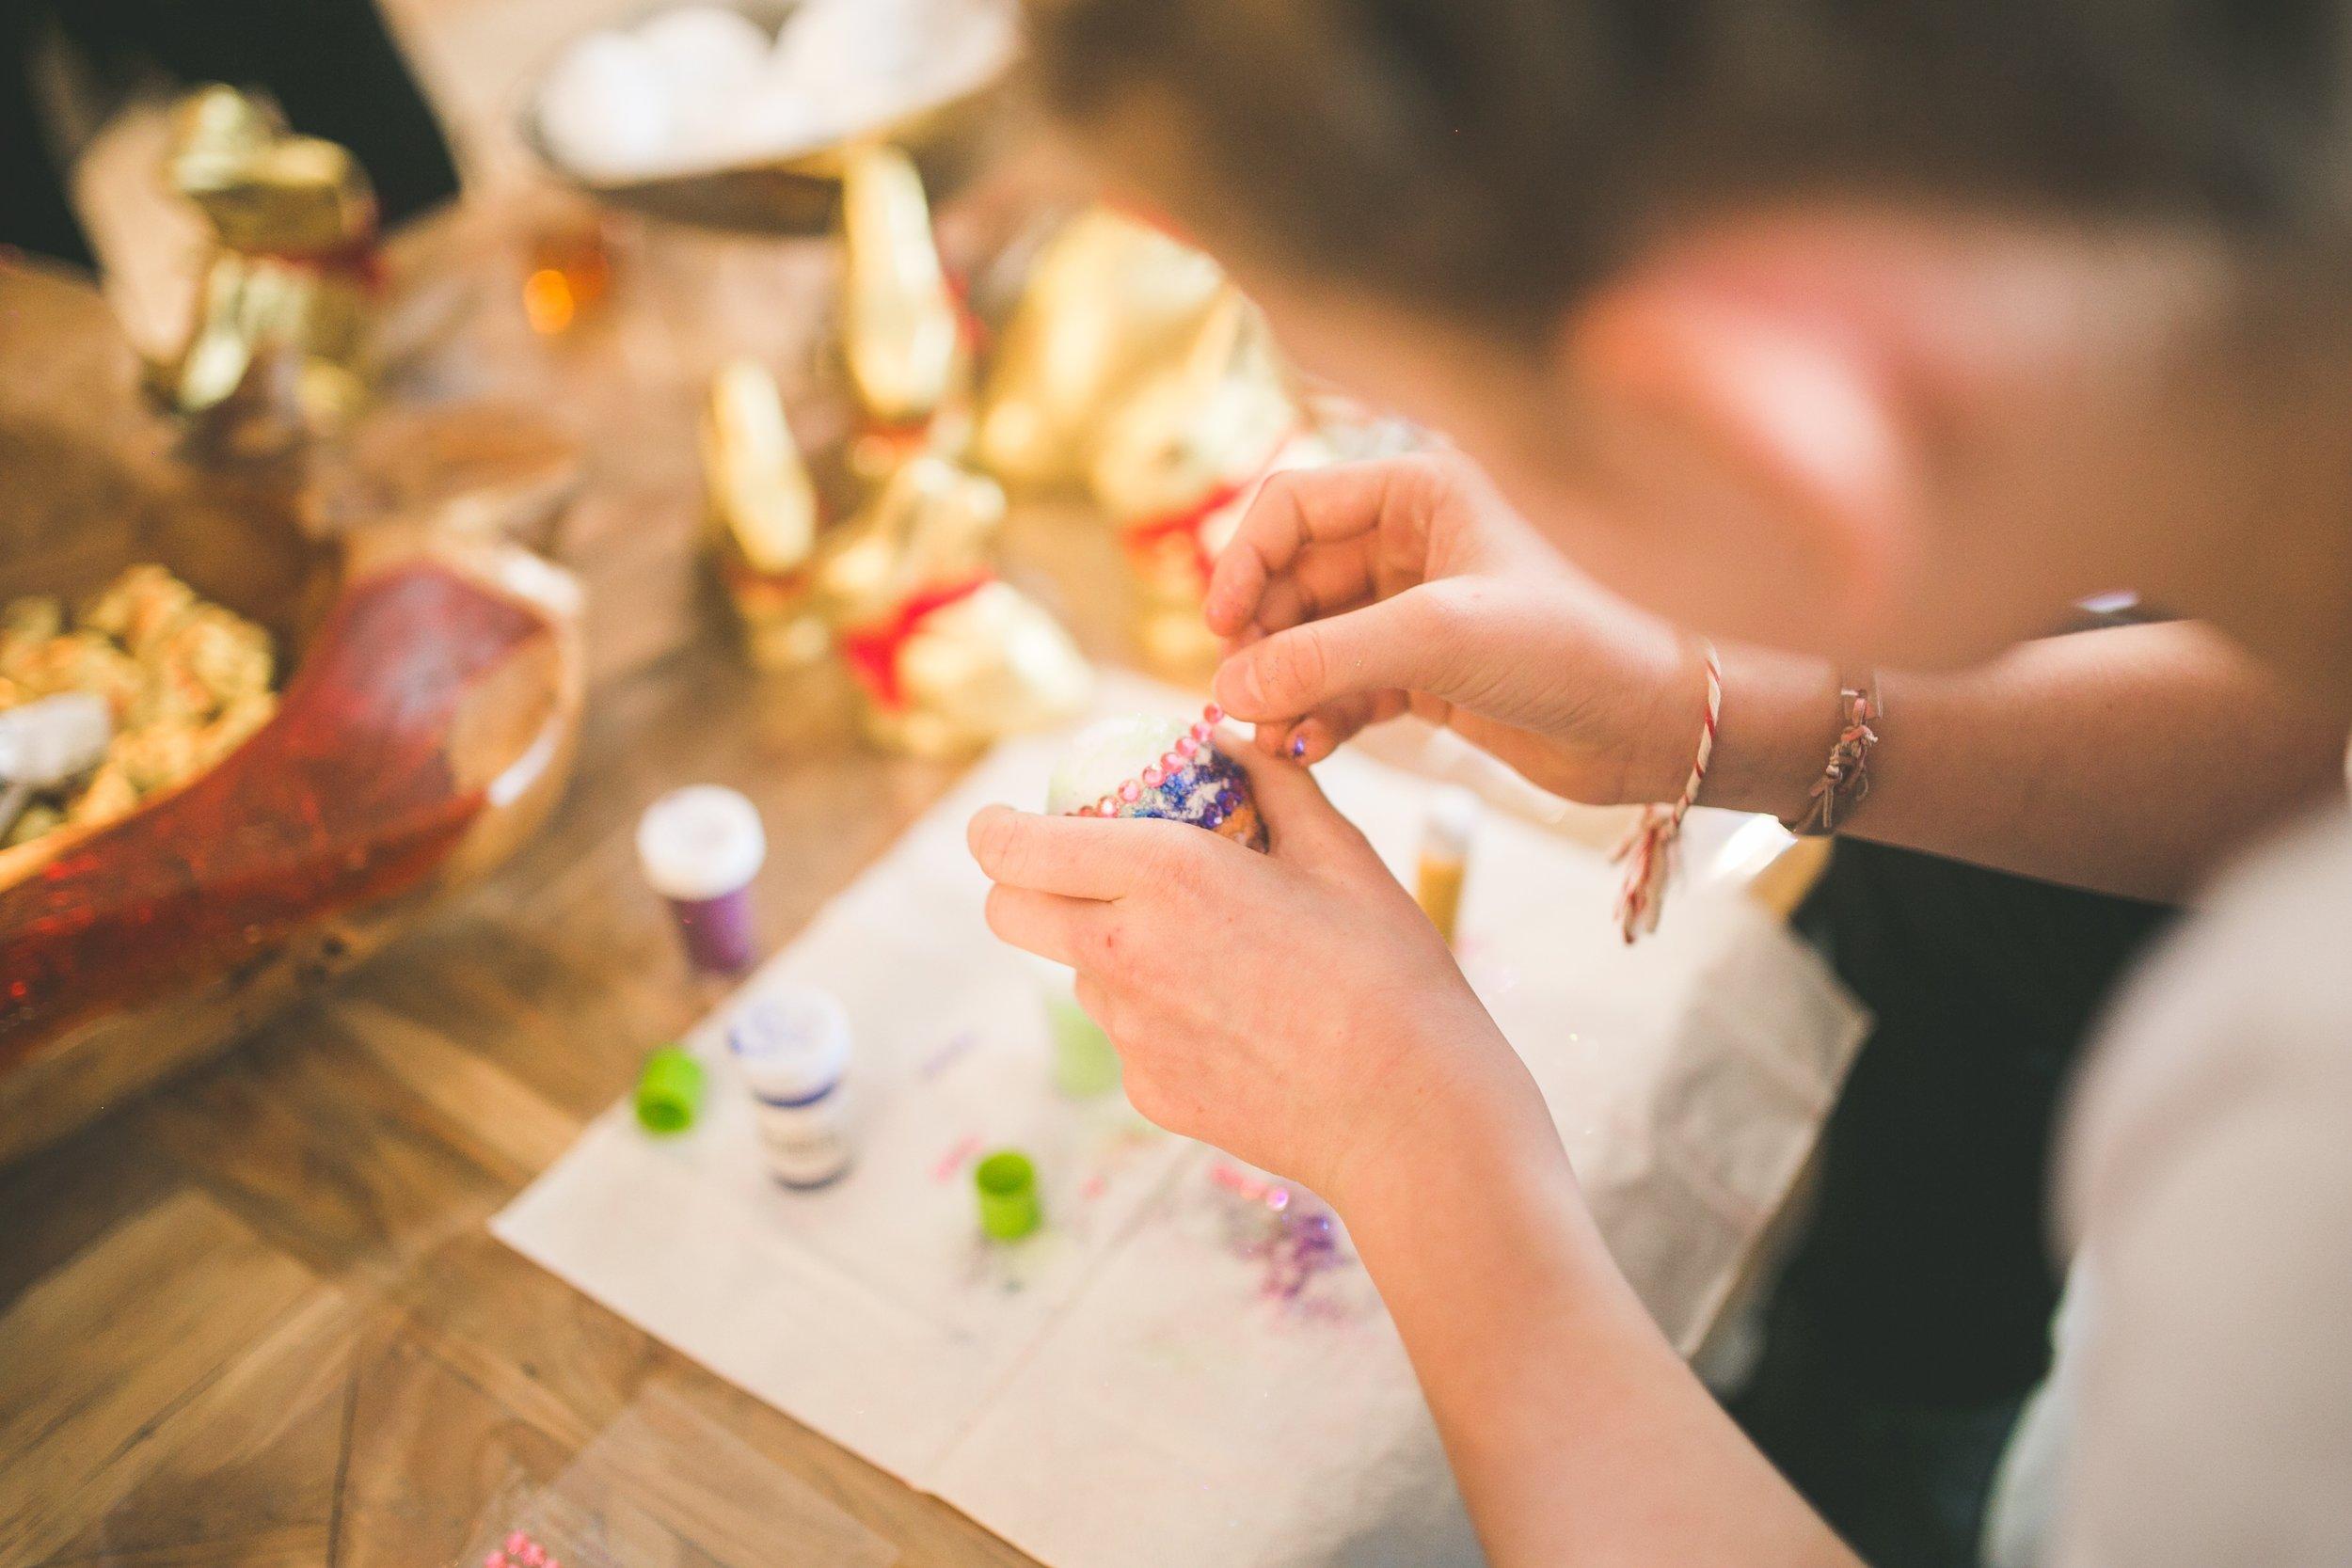 EVENTOS - O Atelier 7 Artes é um espaço onde oferece aos seus clientes experiências de aprendizagem e oportunidades de desenvolverem o seu potencial criativo através da participação em diversas actividades.